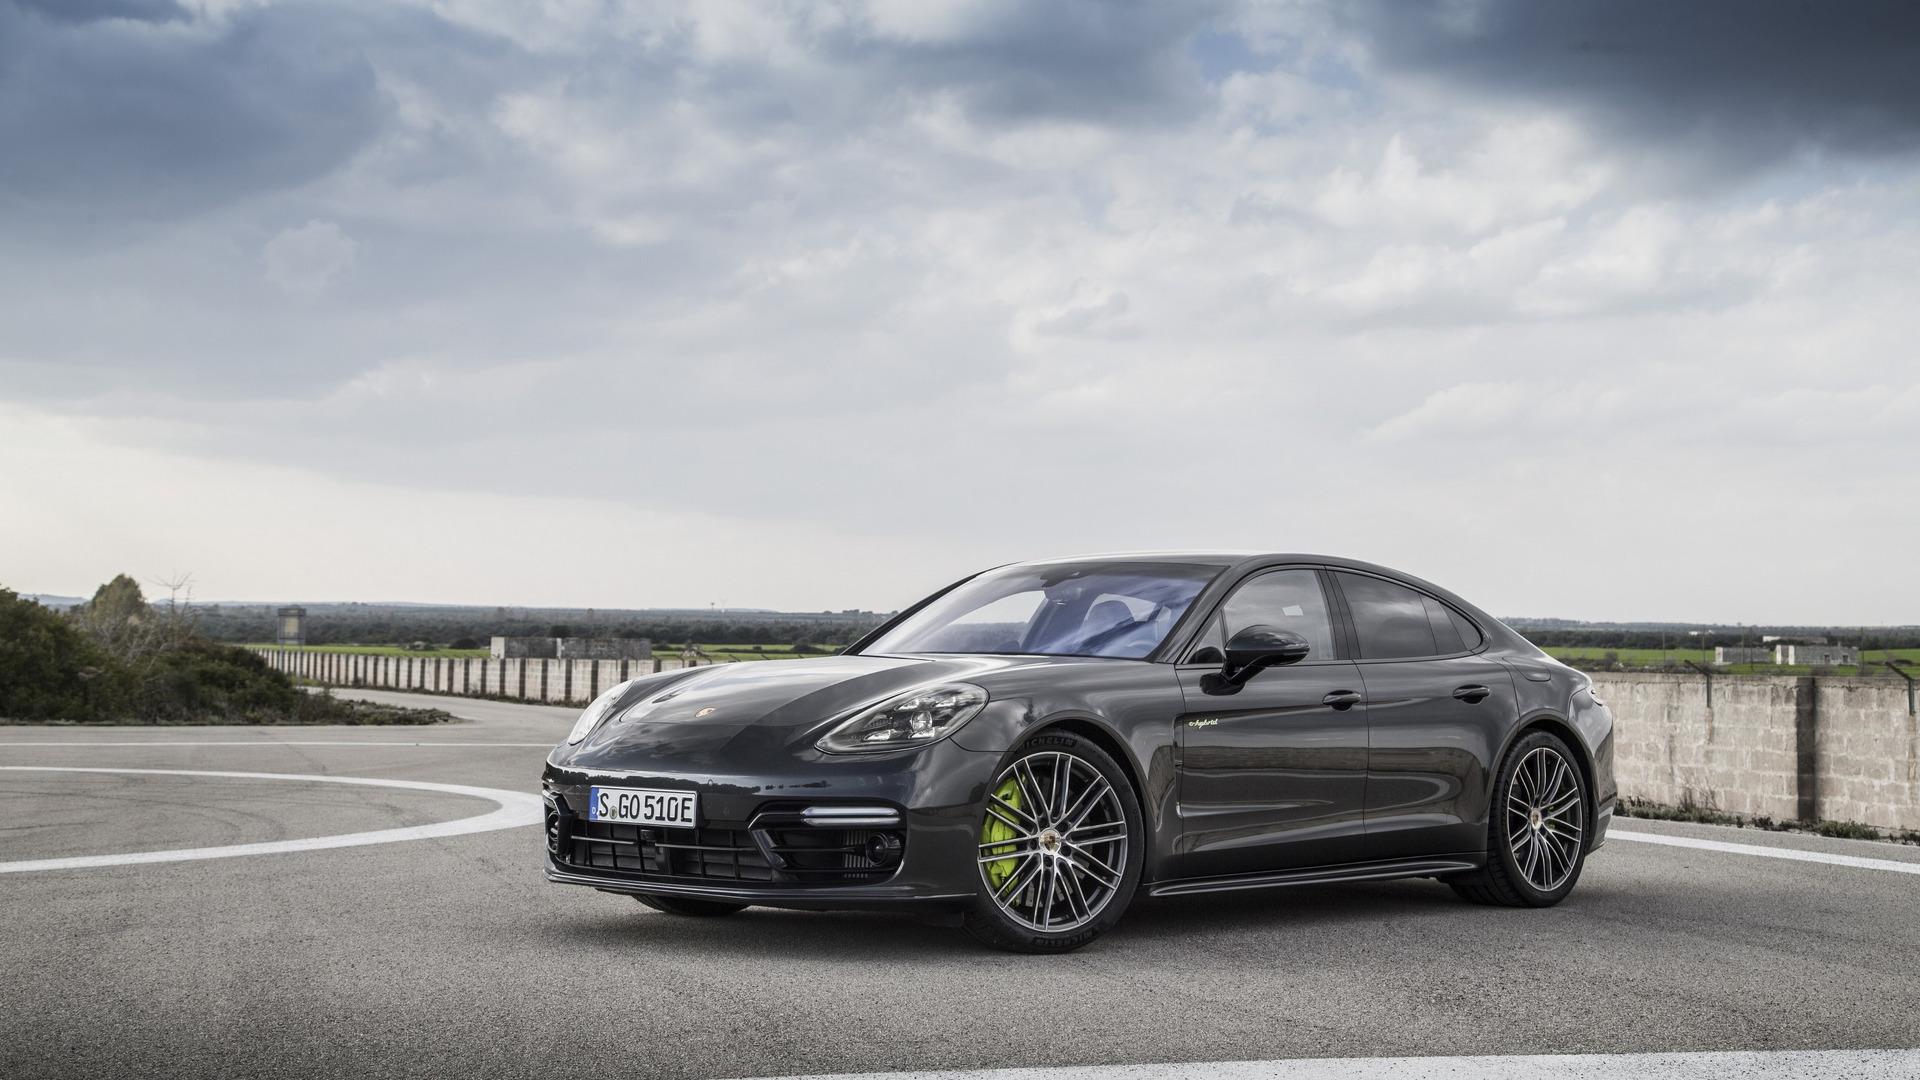 2018_Porsche_Panamera_Turbo_S_E-Hybrid_02